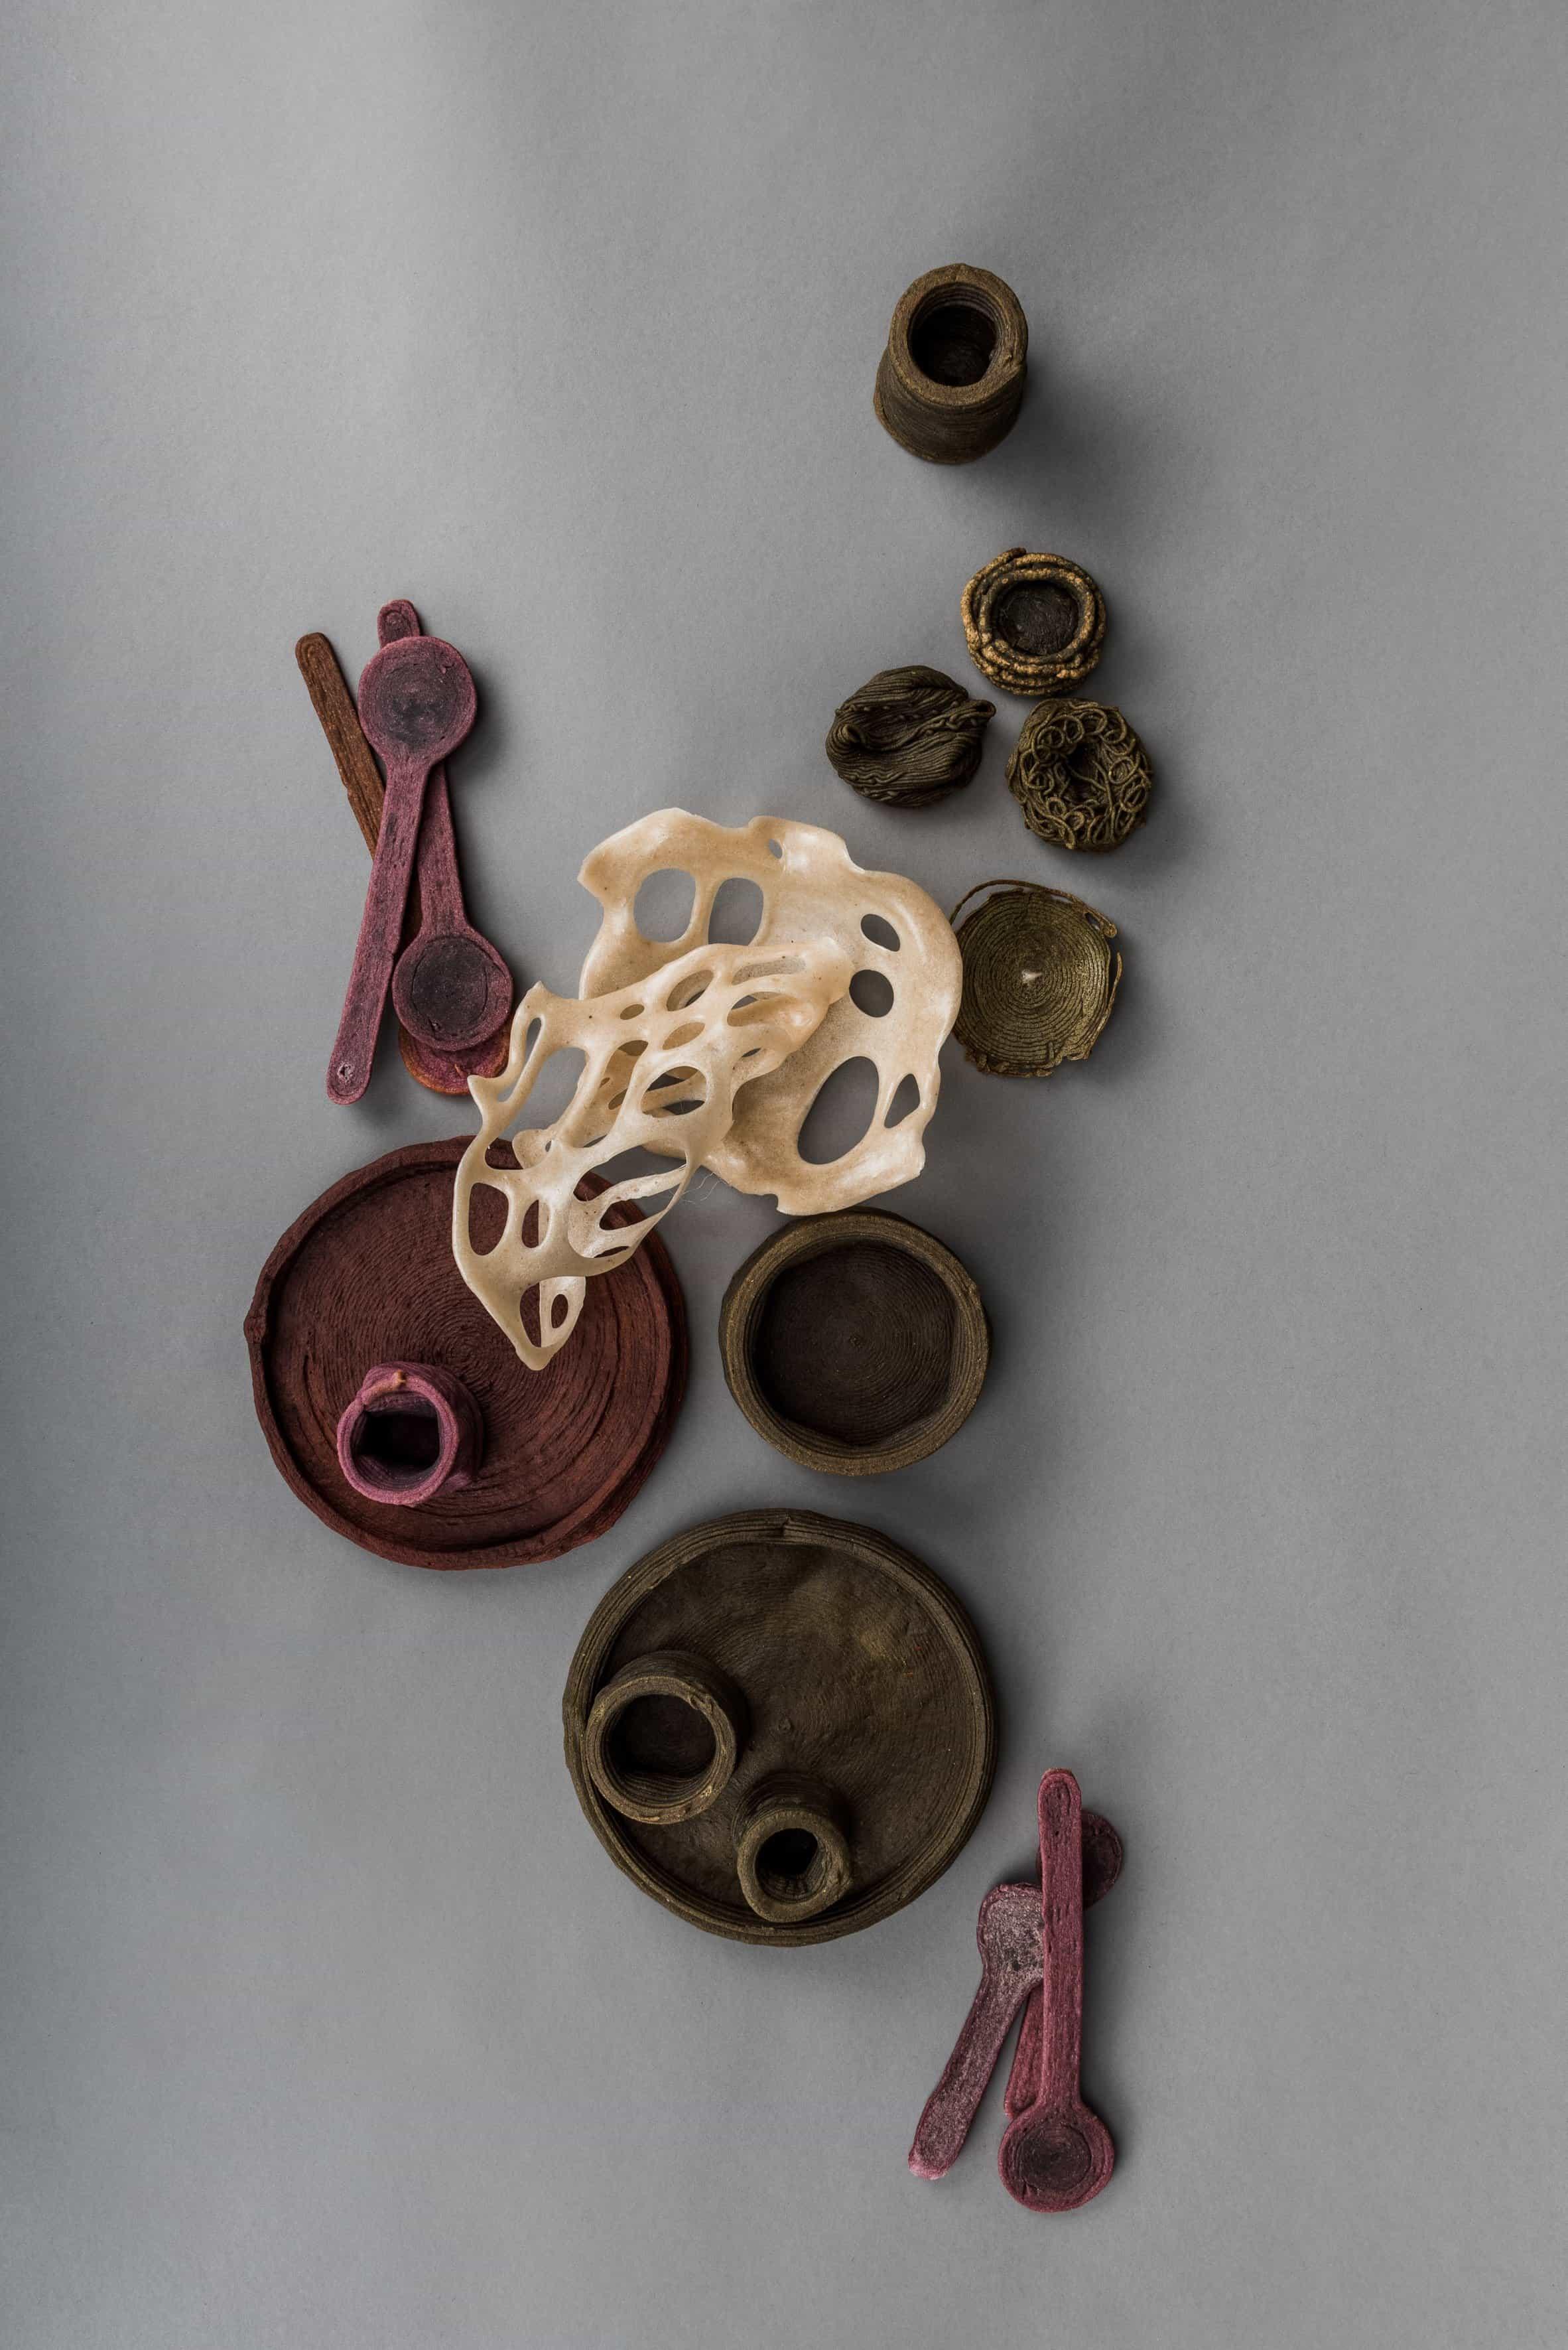 Platos, cuencos y cubiertos de desechos dispuestos sobre una superficie gris